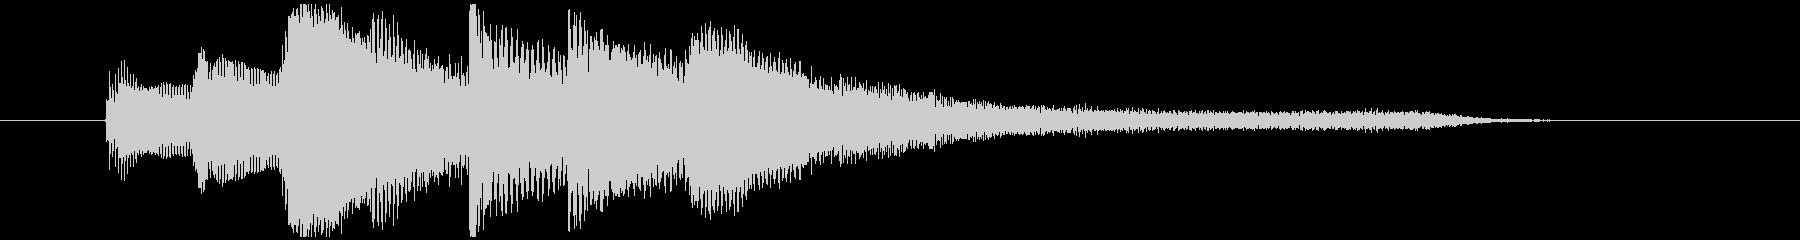 ピアノで上品なサウンドロゴ・ジングルの未再生の波形